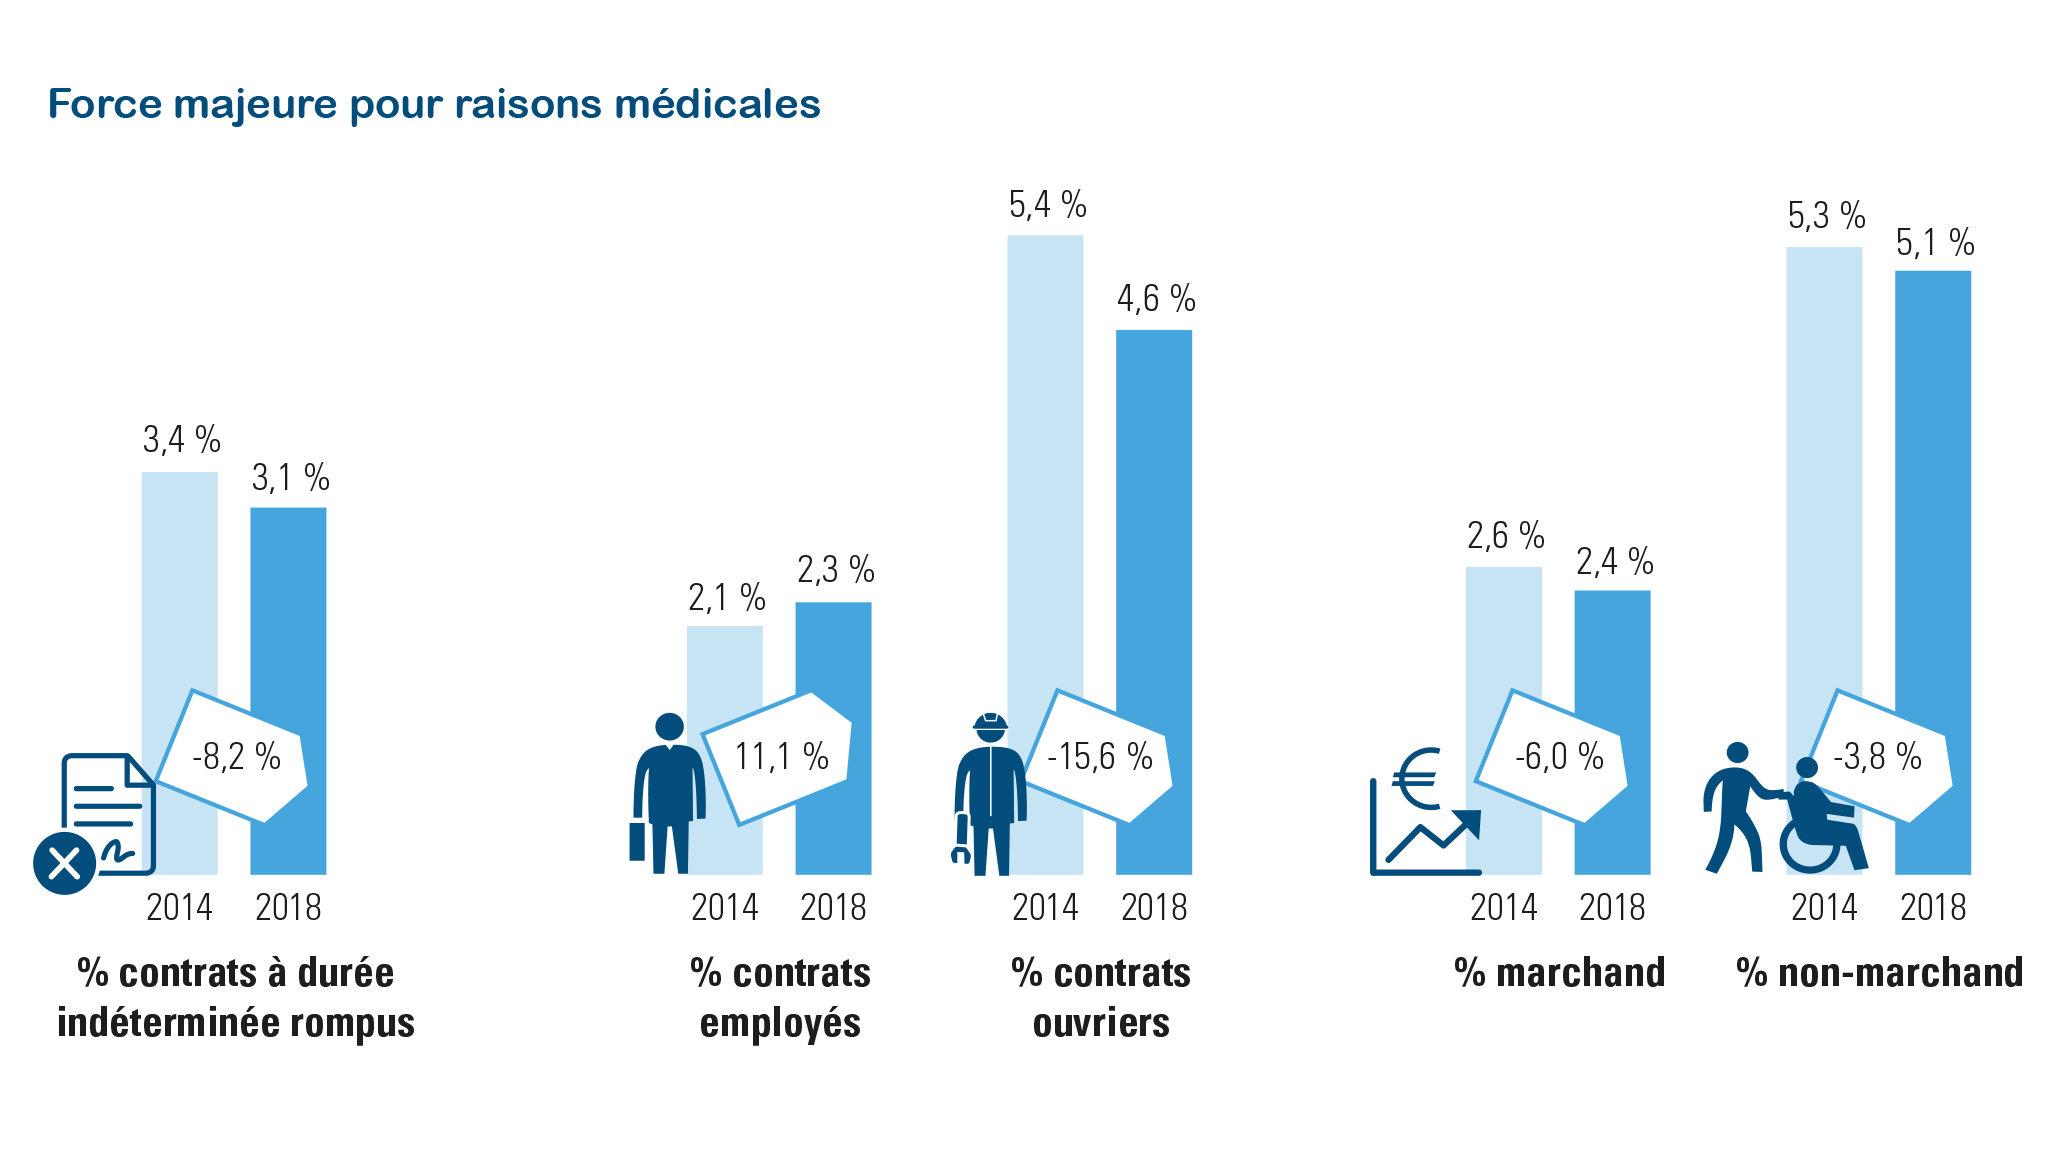 Force majeure pour raisons médicales, % contrats à durée indéterminée rompus